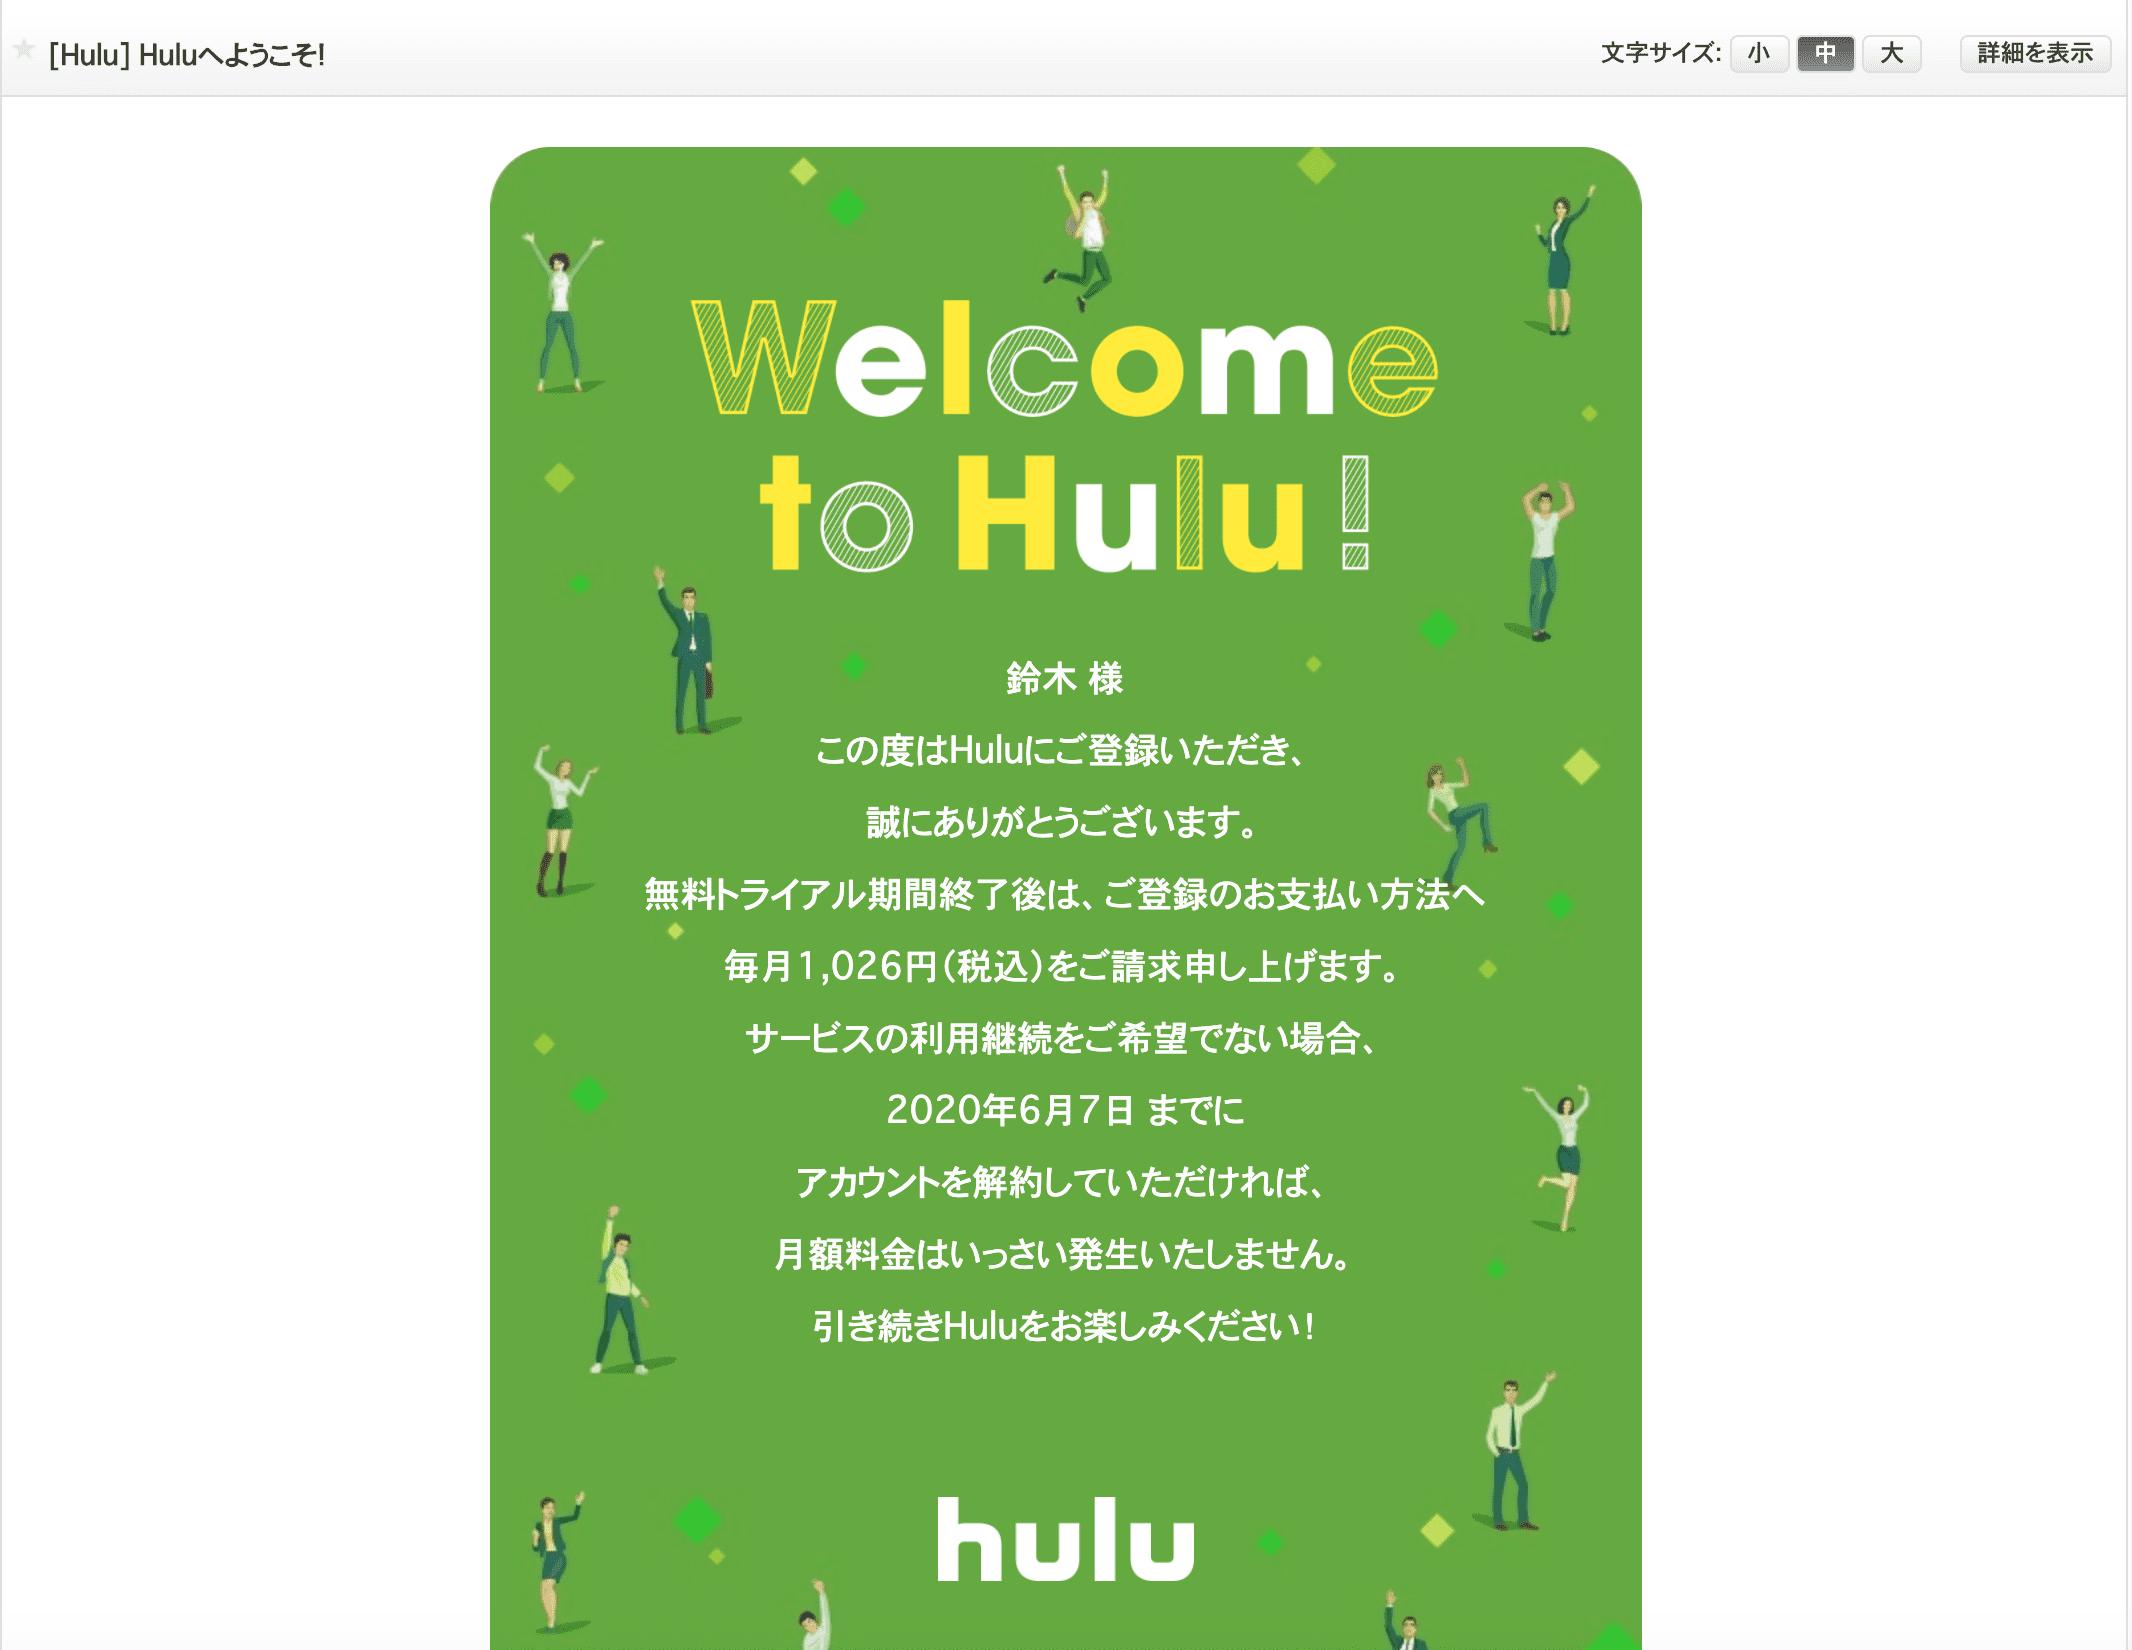 hulu6